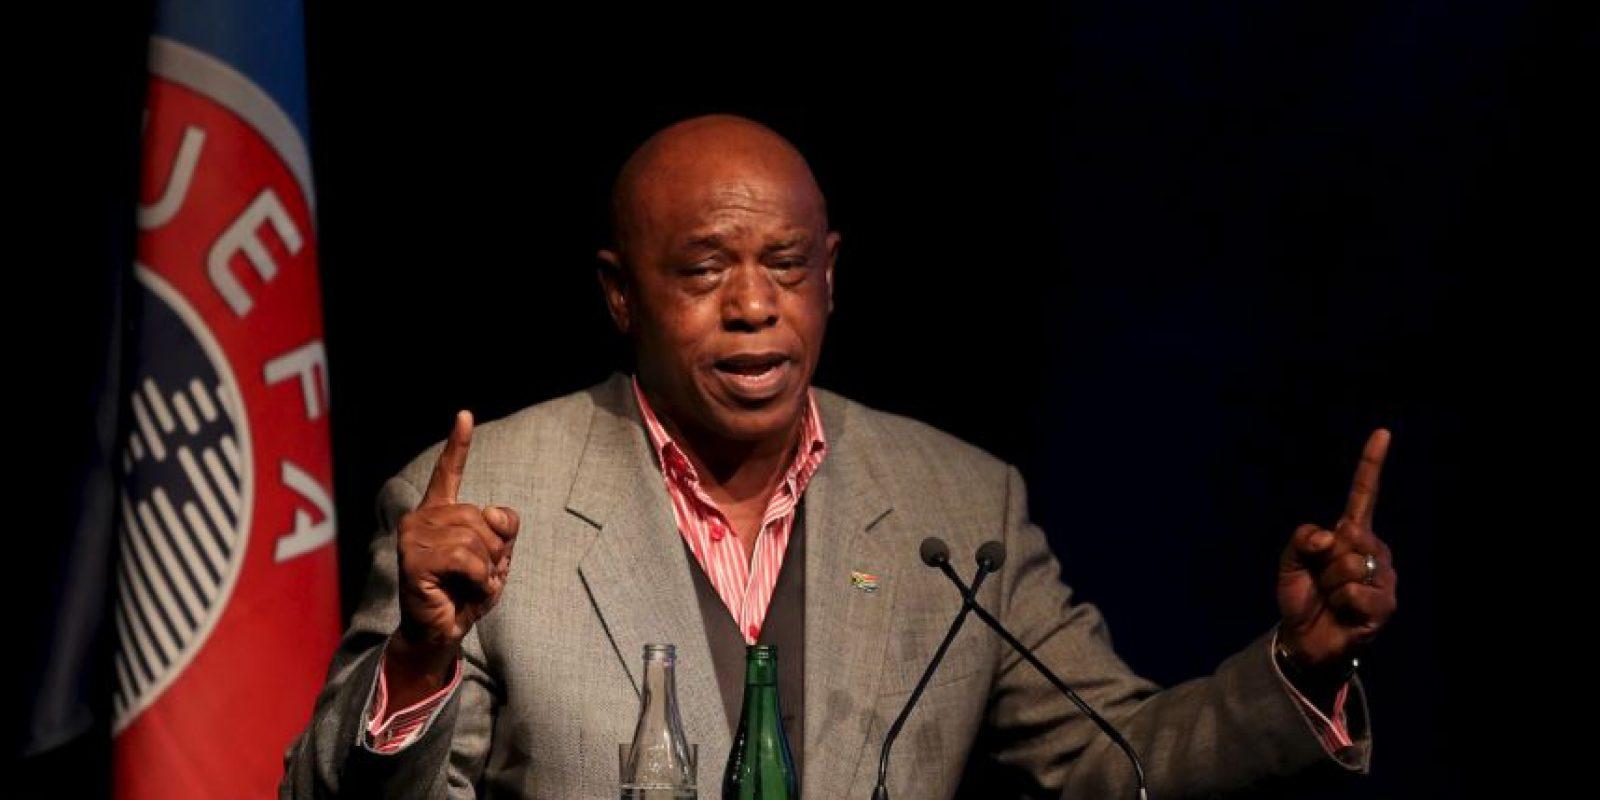 Presentador y activista sudafricano de 62 años Foto:Getty Images